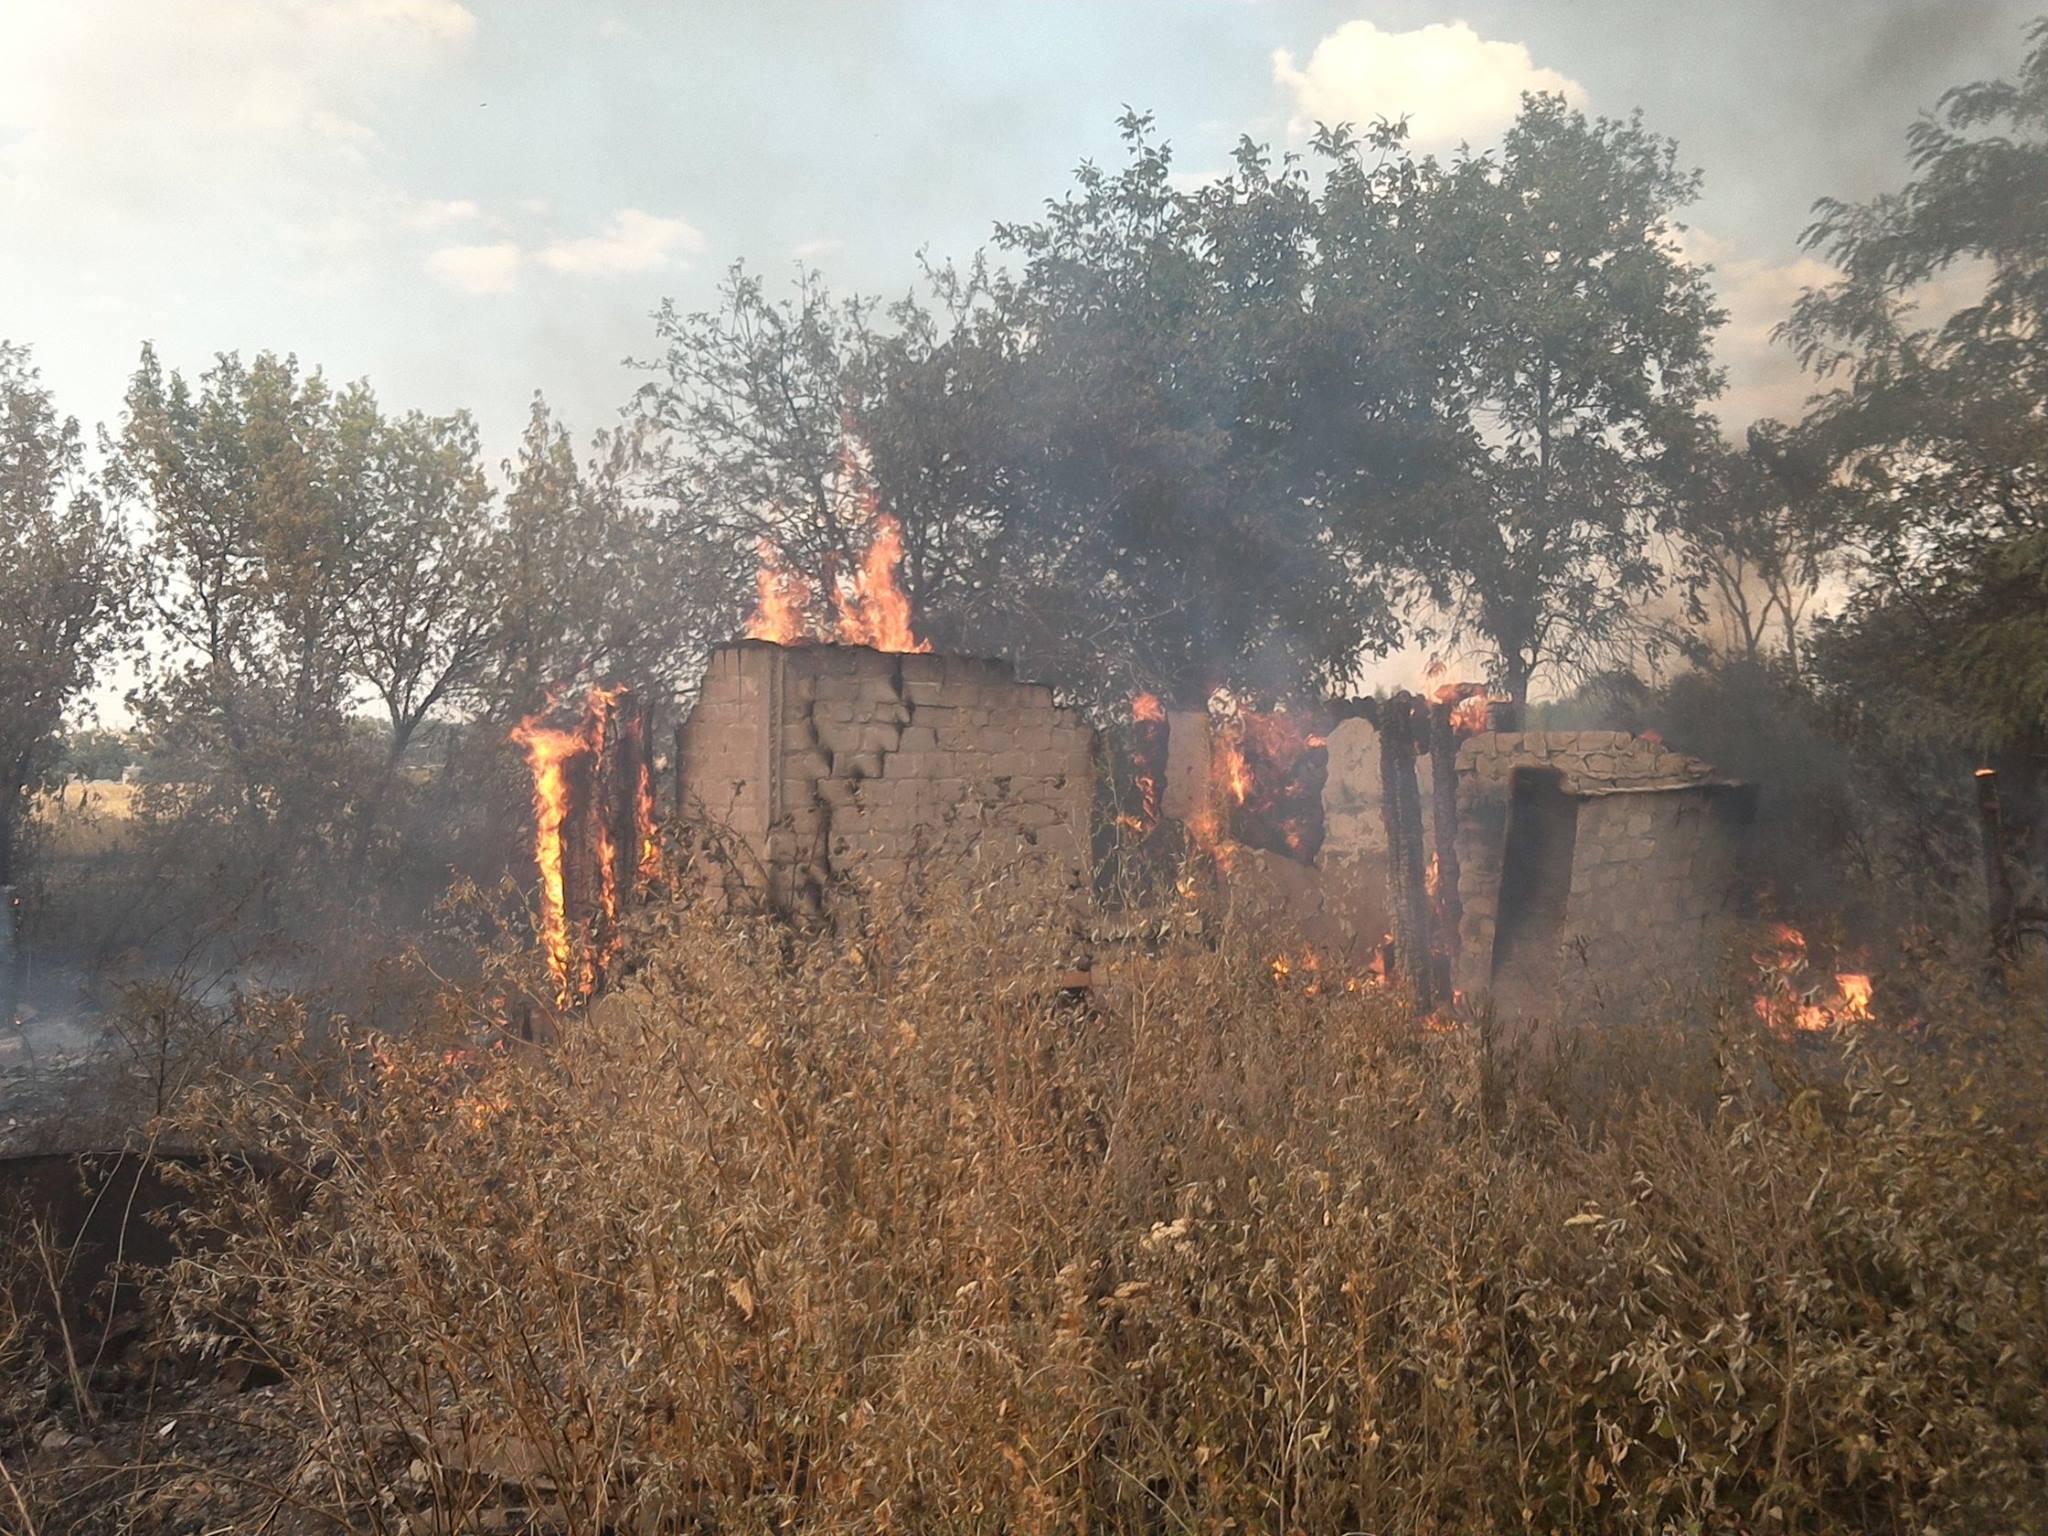 Боевики обстреляли Зайцево зажигательными боеприпасами, опубликованы фото и видео разрушений